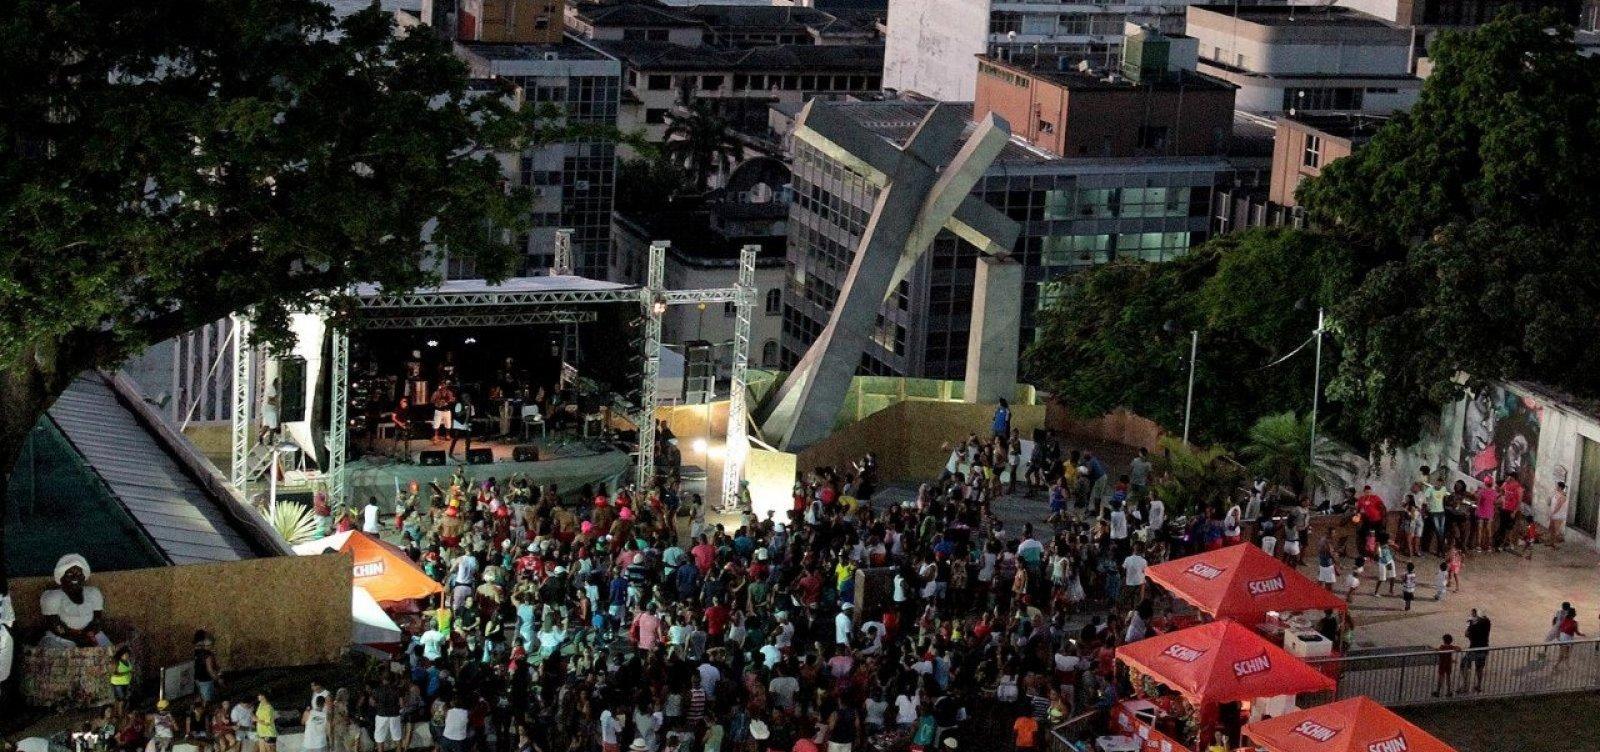 [Rivais, Alckmin e Boulos farão comícios simultâneos no Centro Histórico; PM reforça segurança]